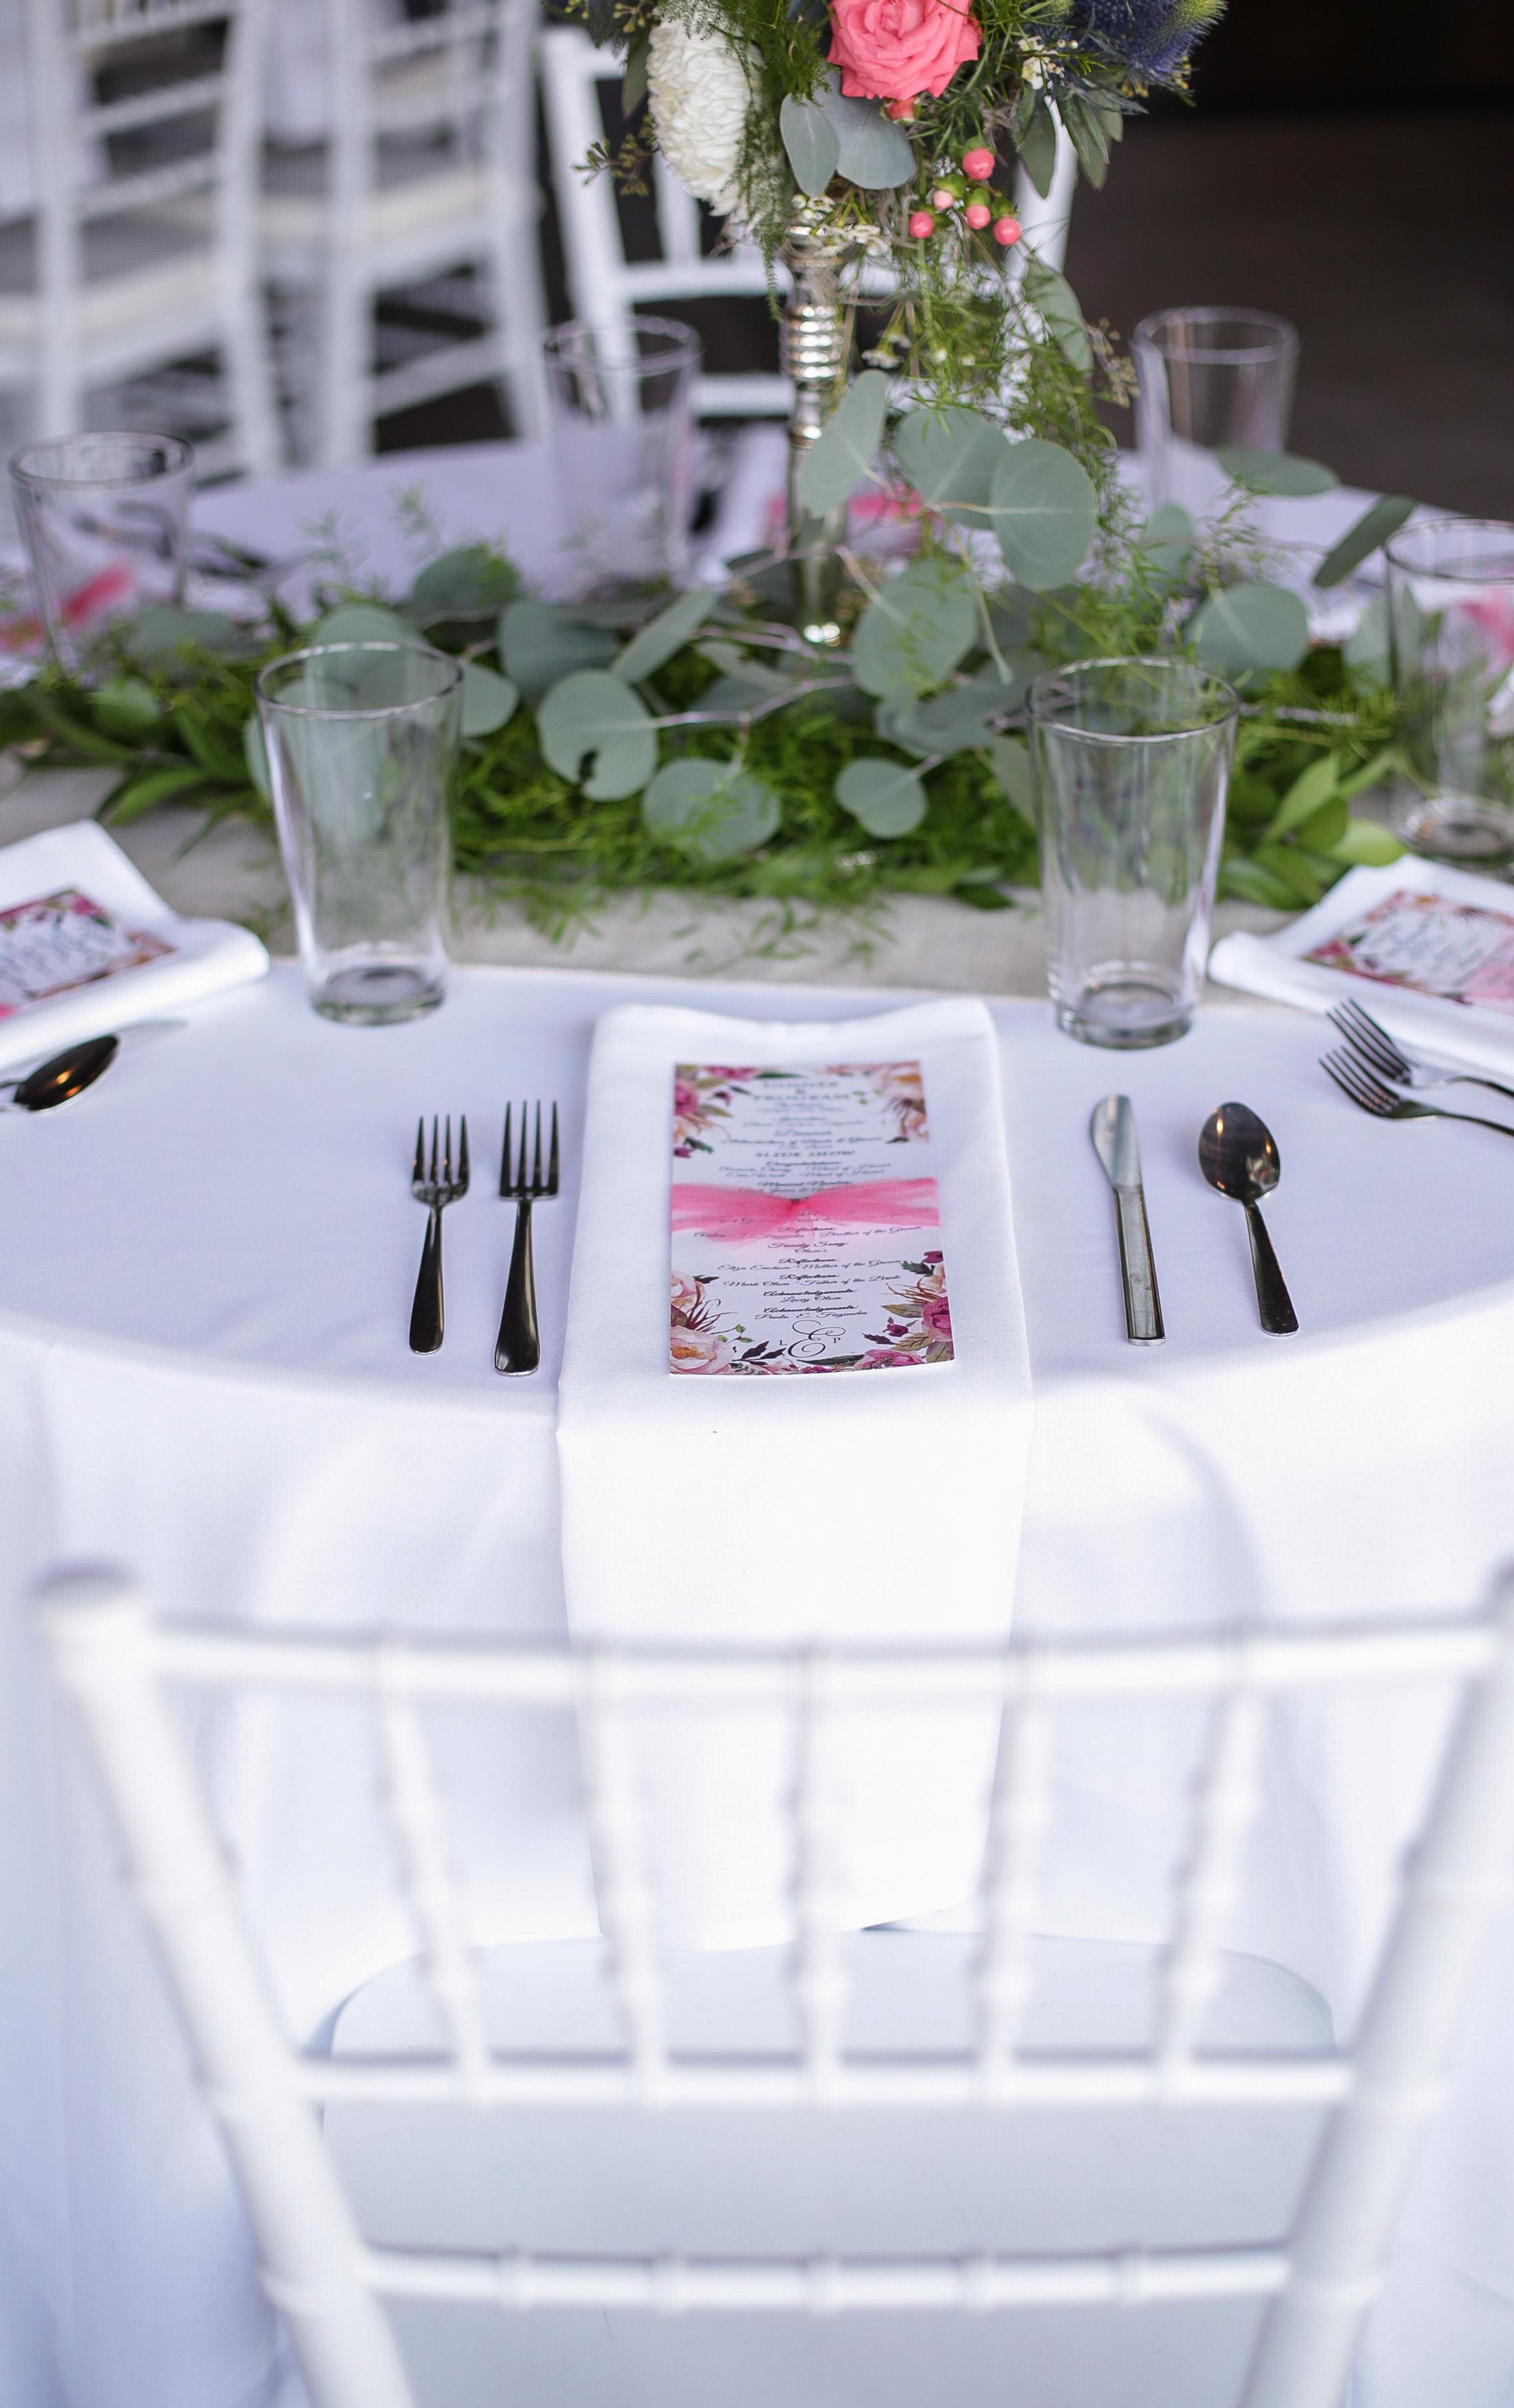 OLSEND WEDDING DINNER 10.jpg